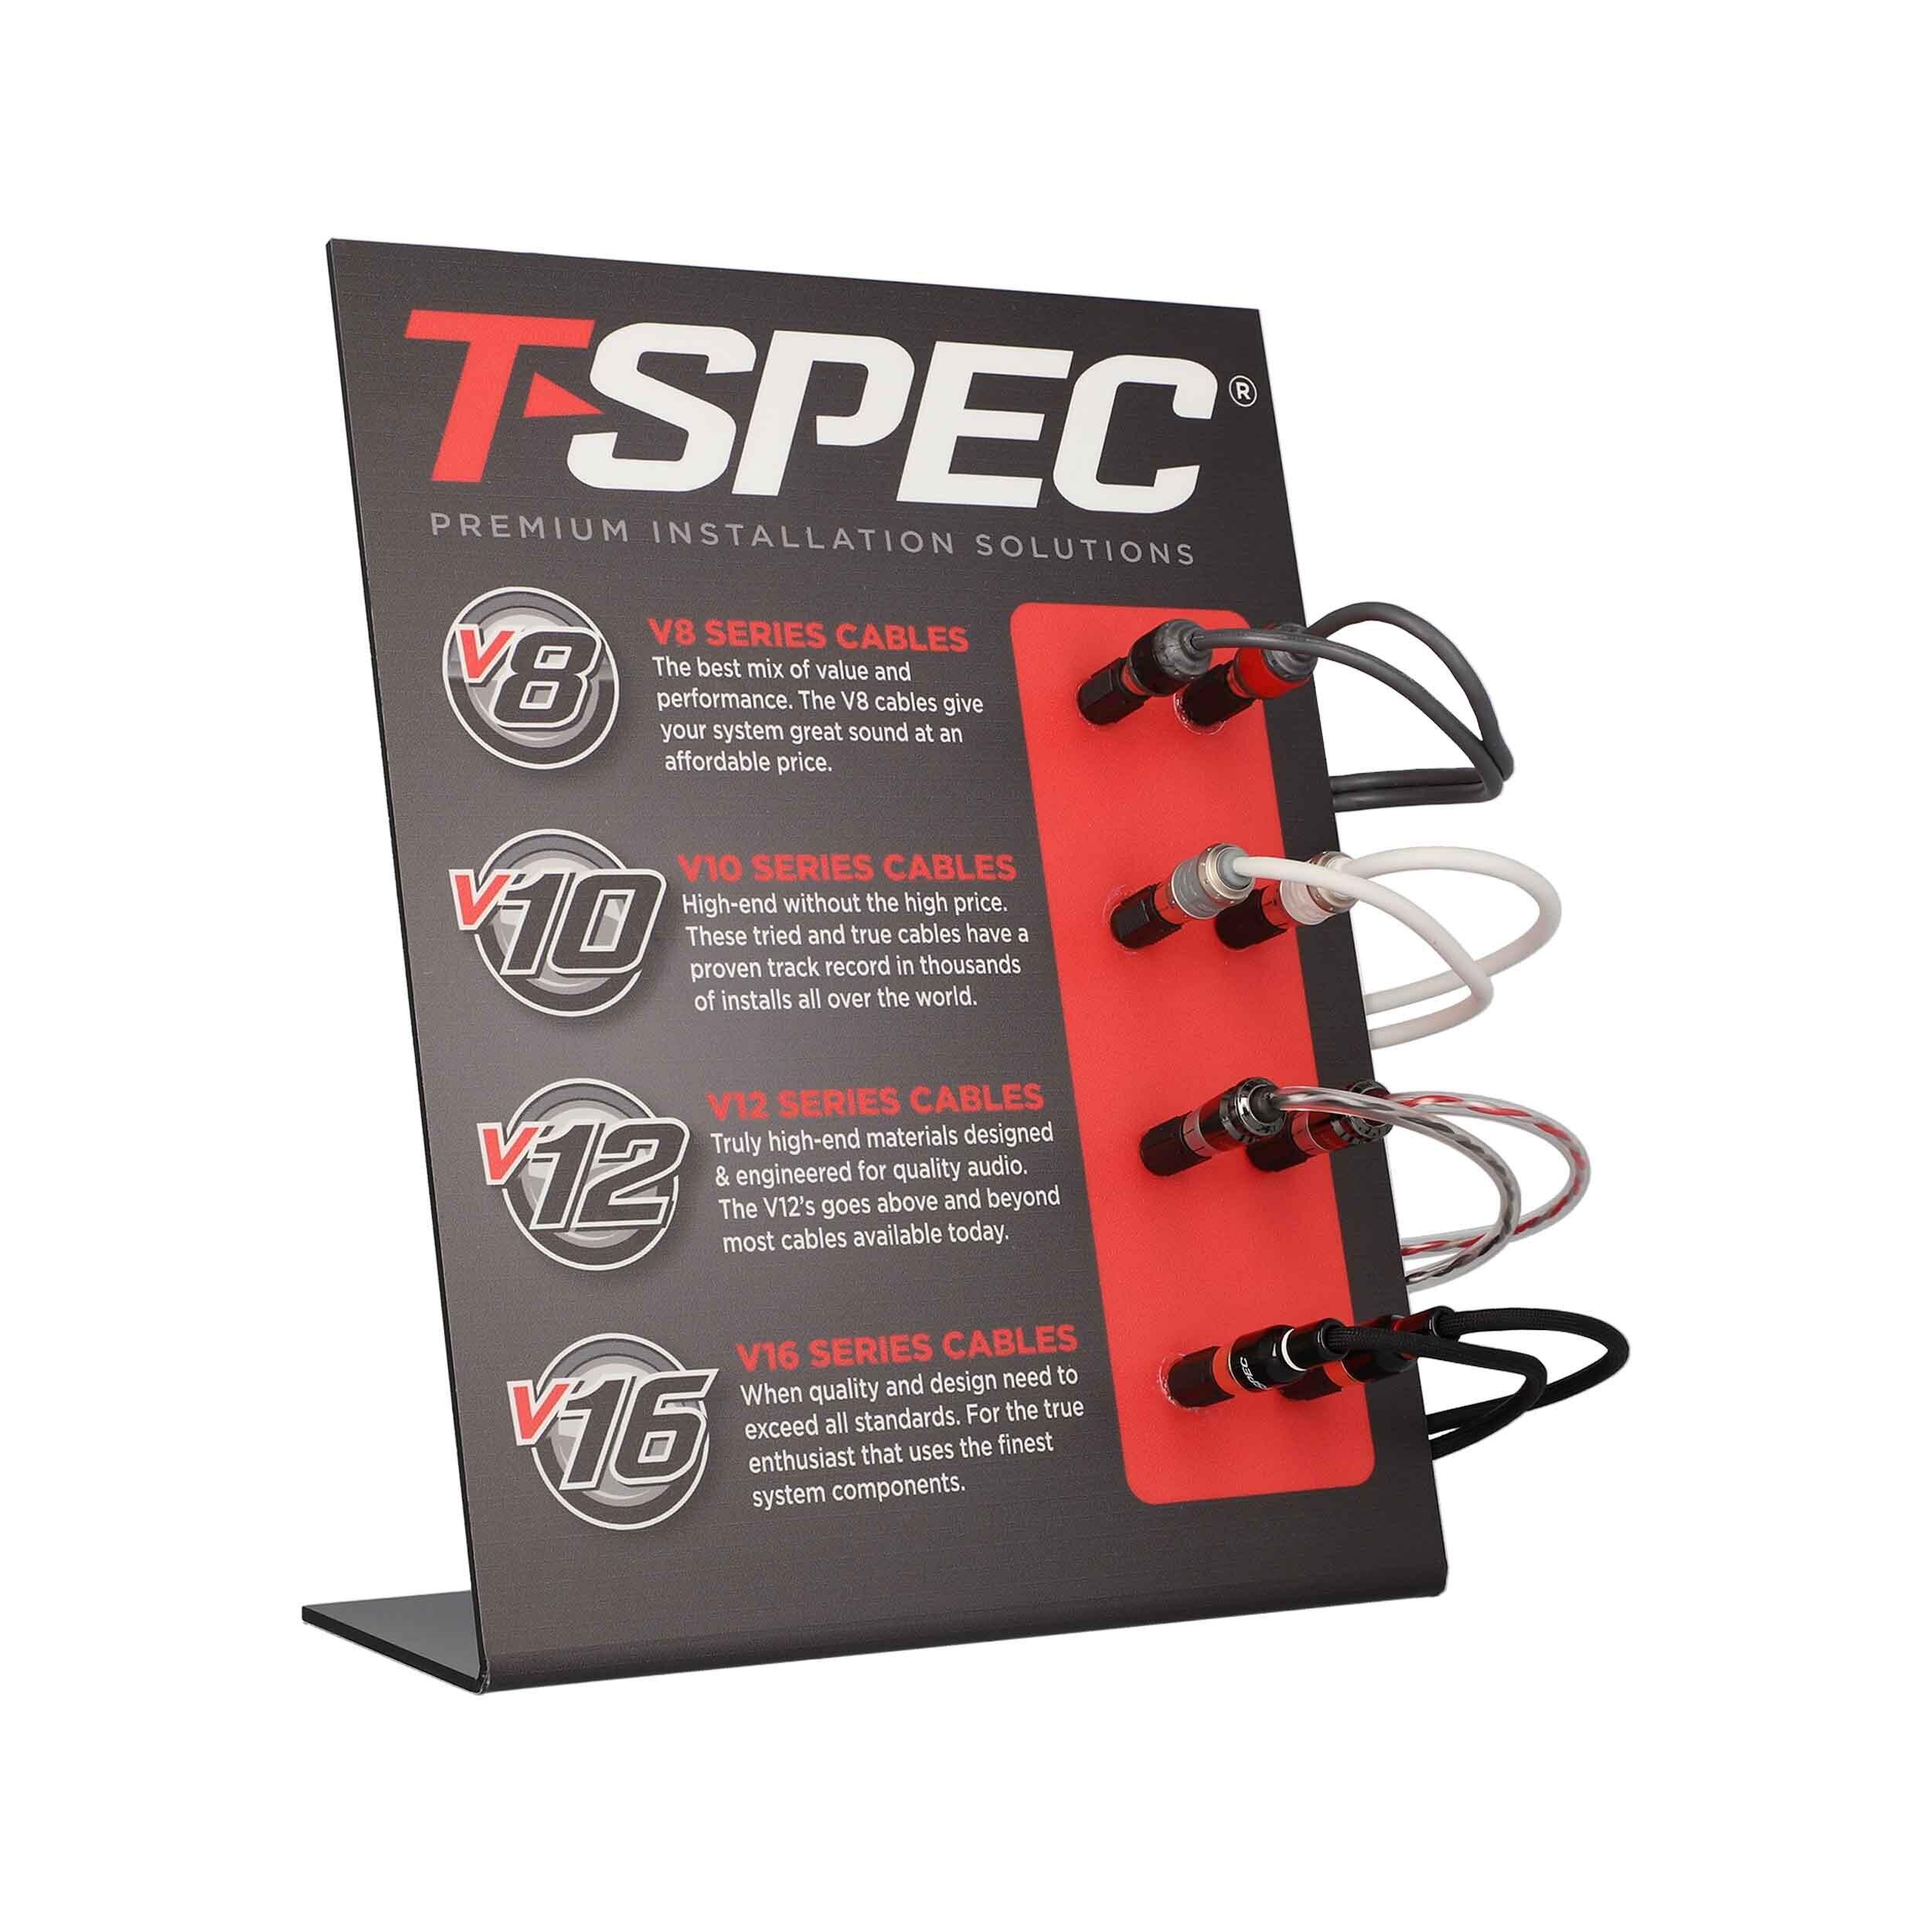 TS-DISP-RCA